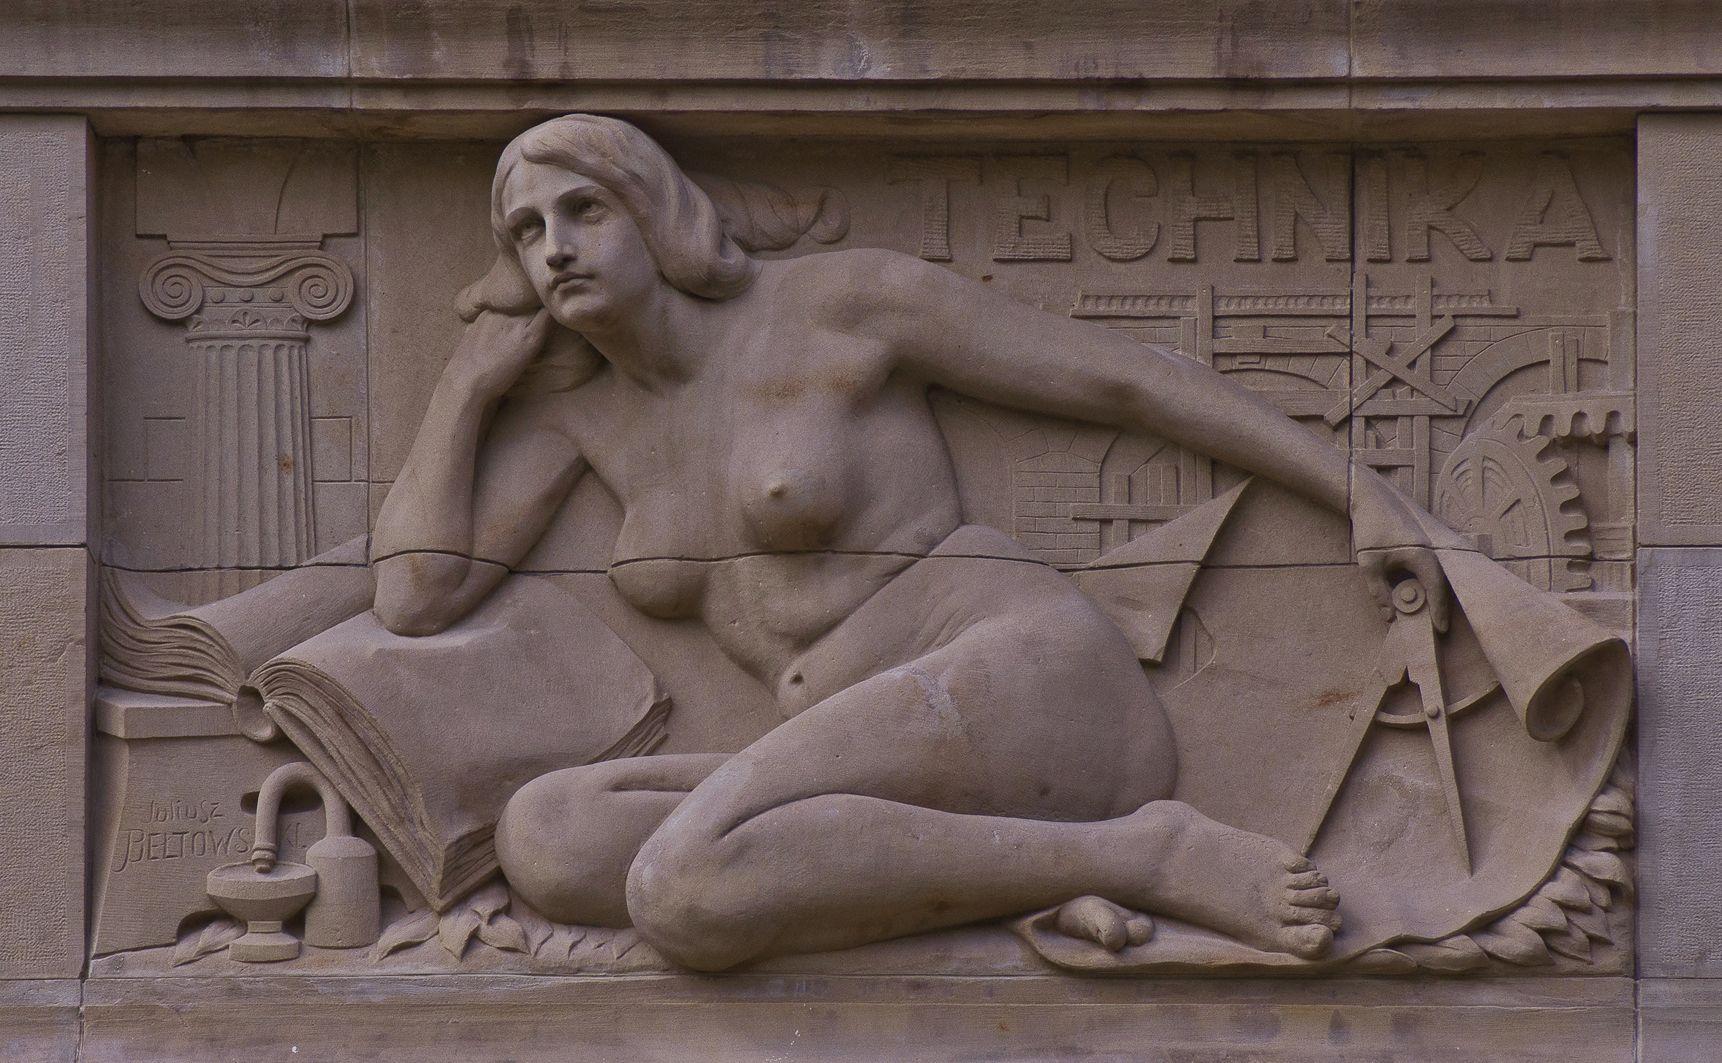 Юліуш Войцех Белтовський. Техніка, 1912 (Листопадового чину, 10)